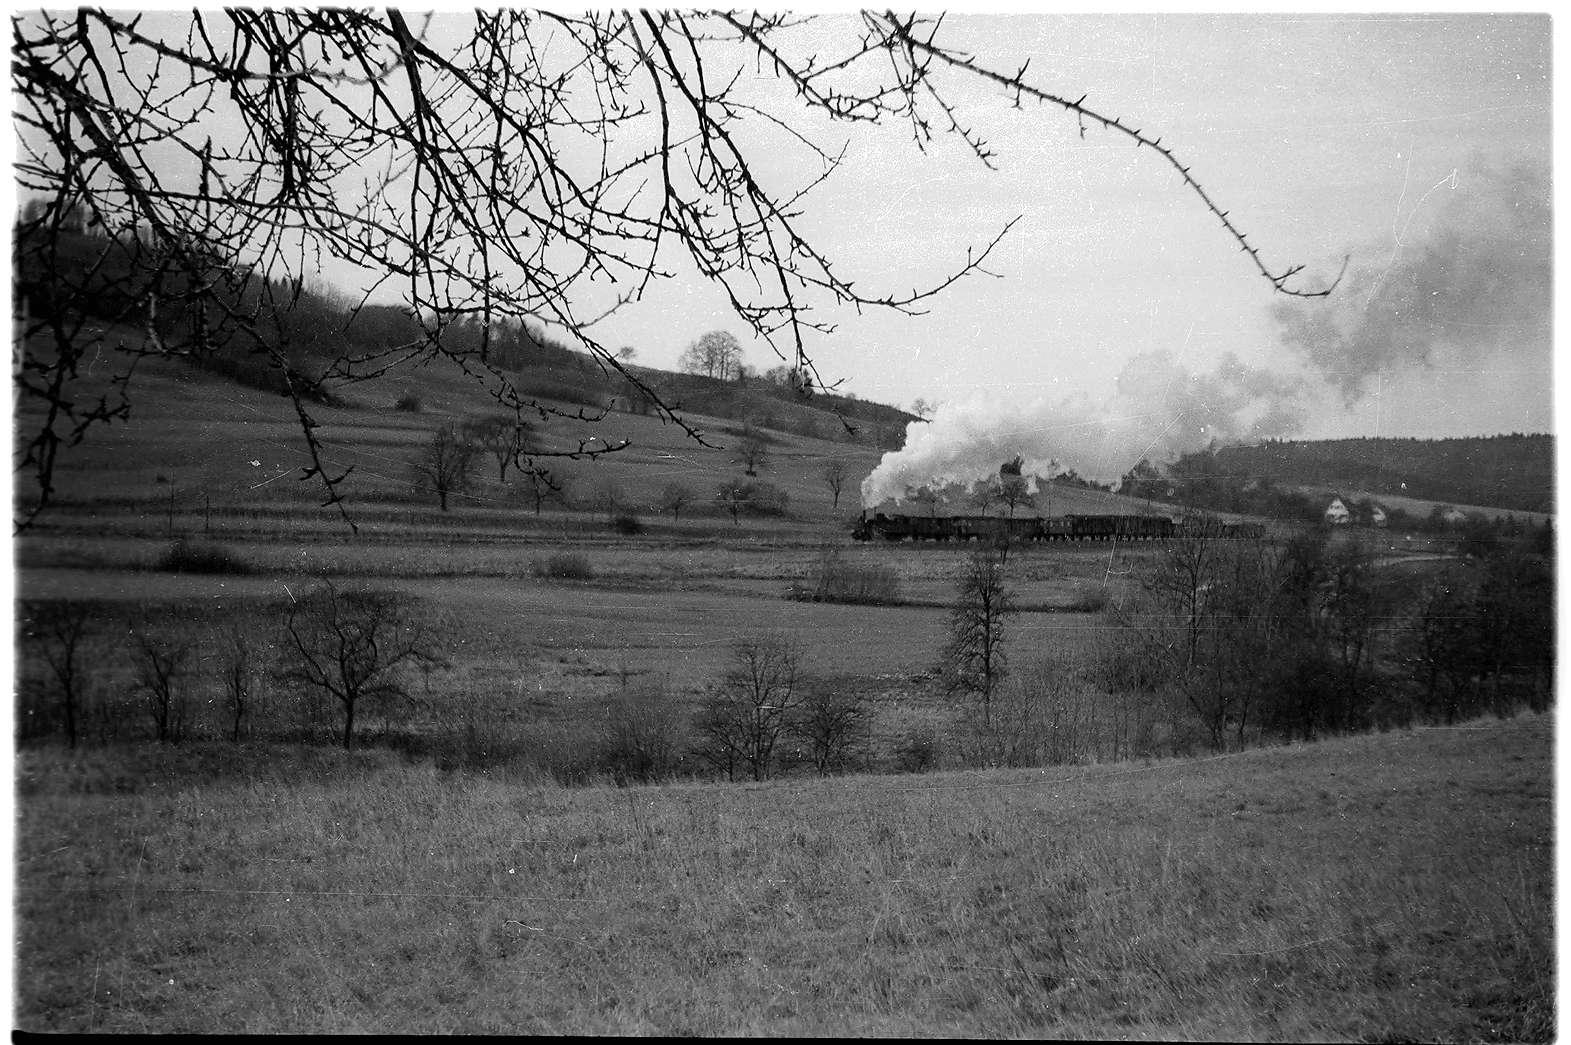 Lok 21, Strecke Jungingen - Killer, Bild 1